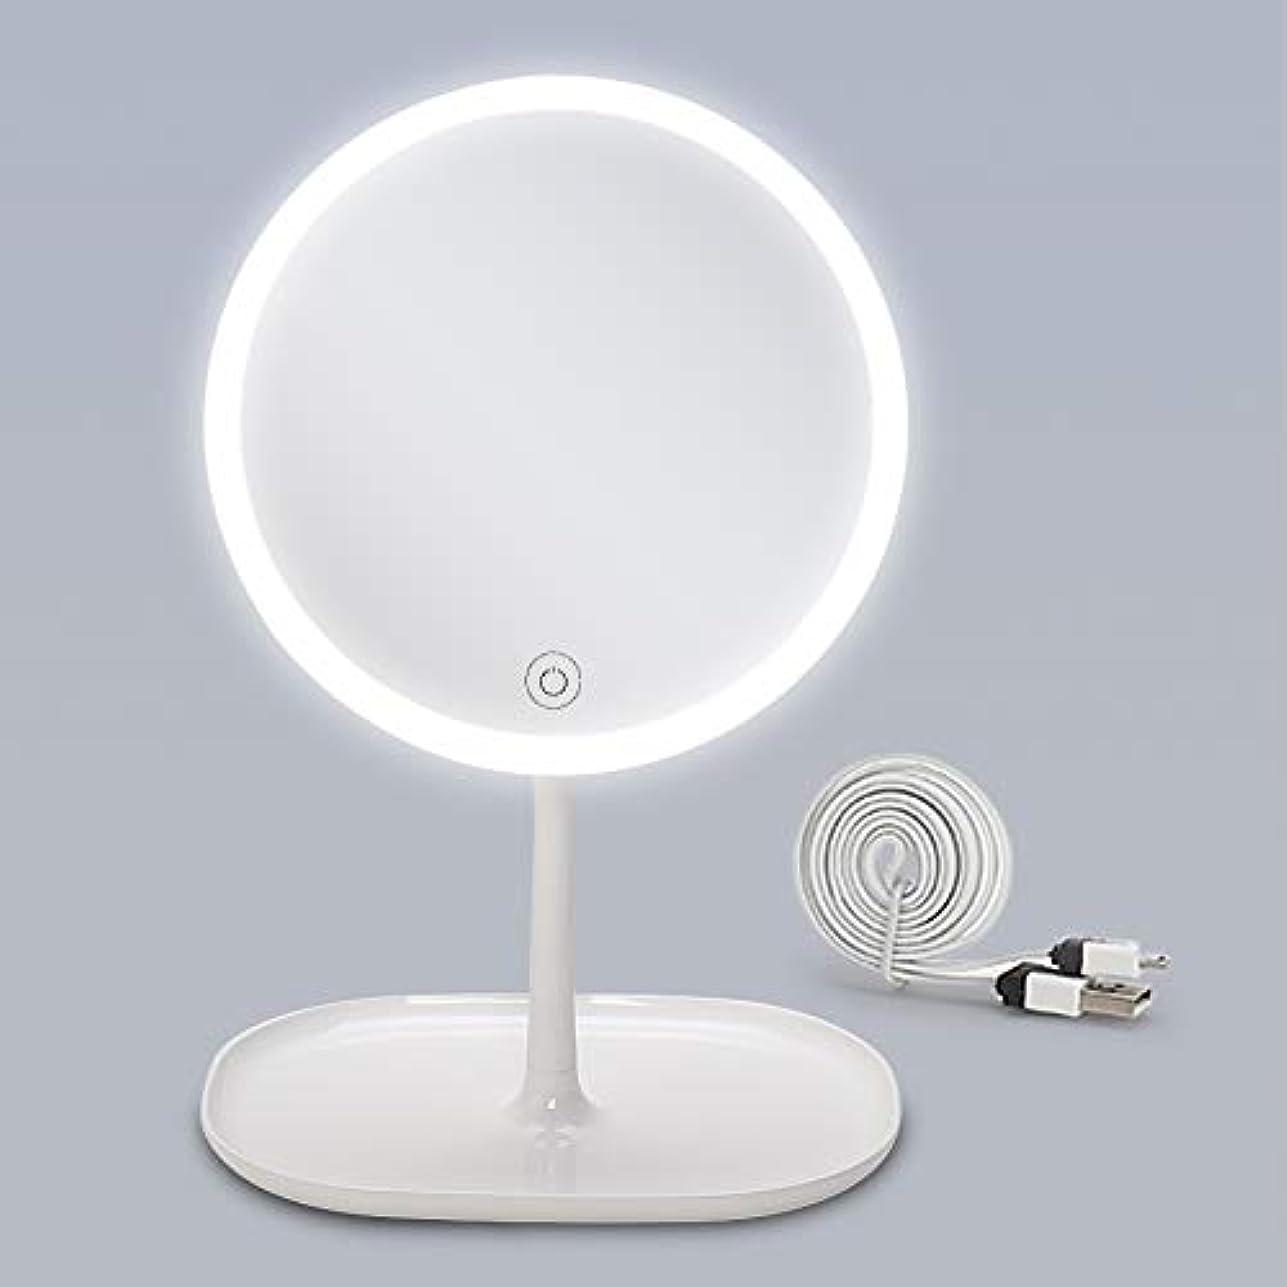 深さ自体食品(セーディコ)Cerdeco 大きめLEDメイクアップミラー 自然な光 タッチパネルで3段階調光 便利なトレー 卓上鏡 スタンドミラー 昼光色/電球色/昼白色 USBケーブル付き 鏡面φ201mm